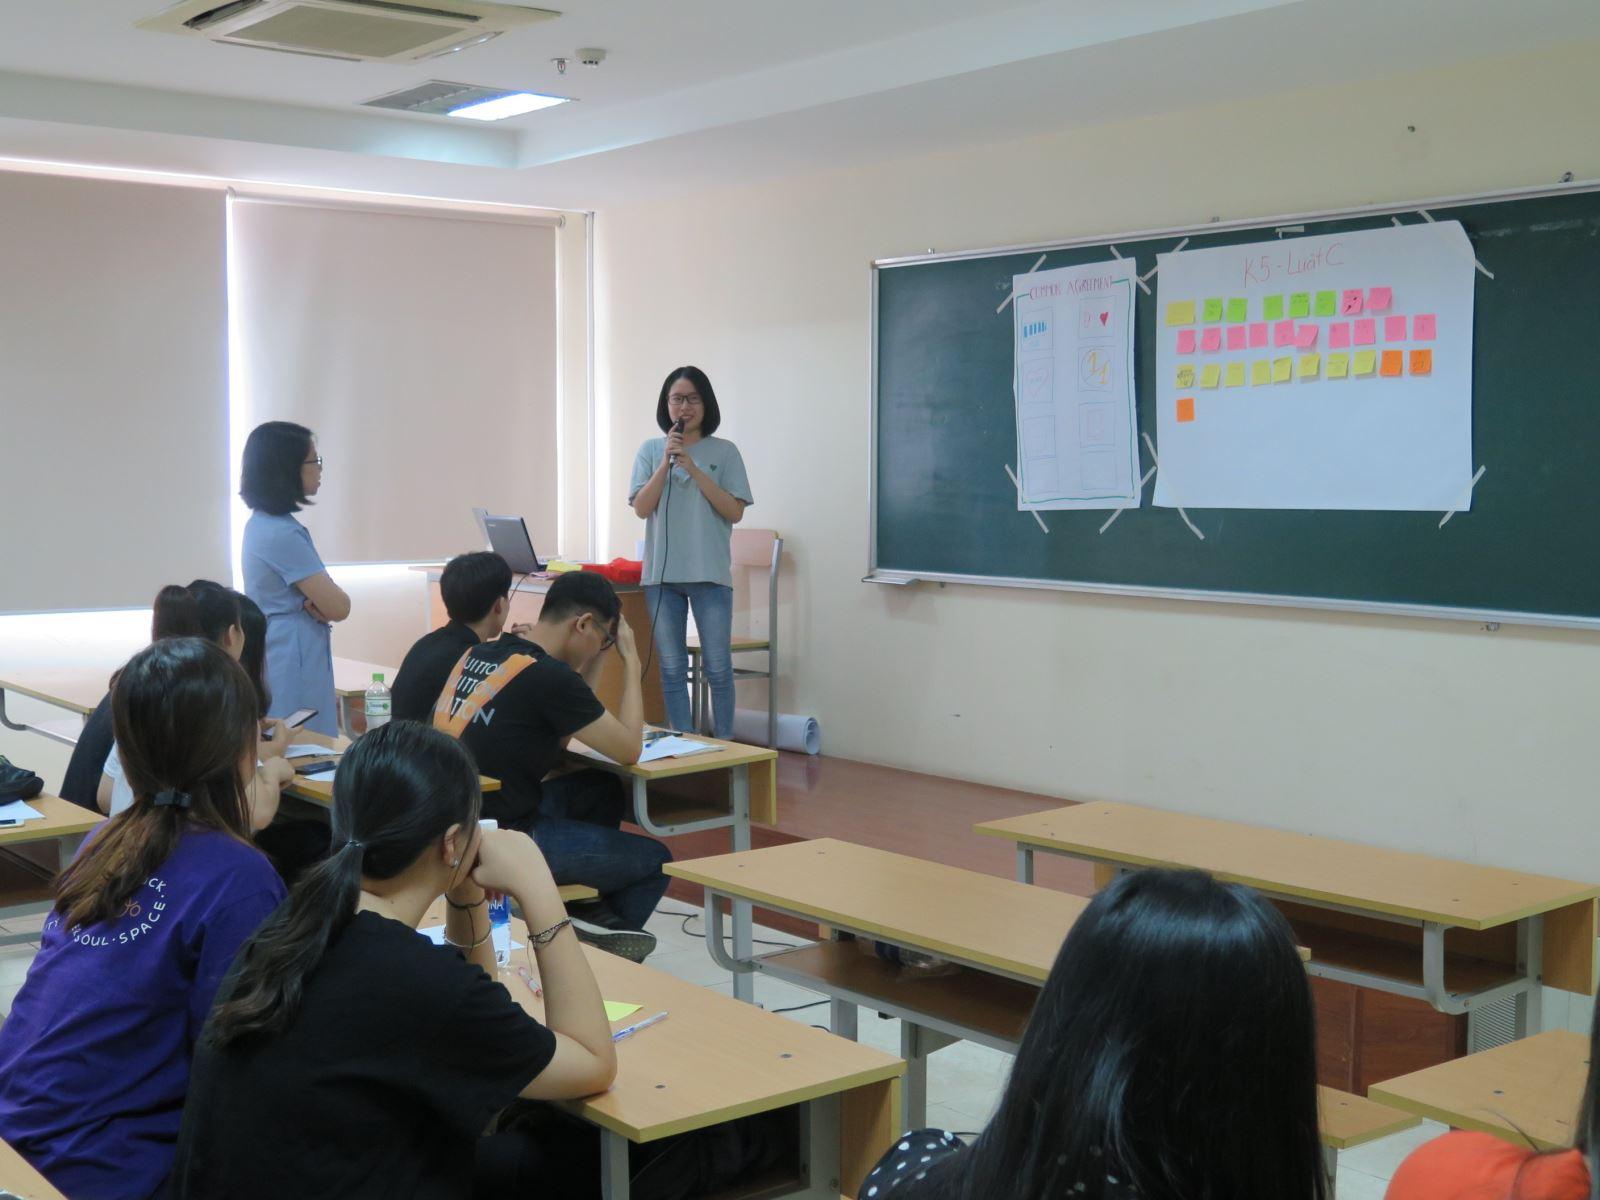 Học viện Phụ nữ Việt Nam tổ chức tuần học kỹ năng mềm dành cho sinh viên